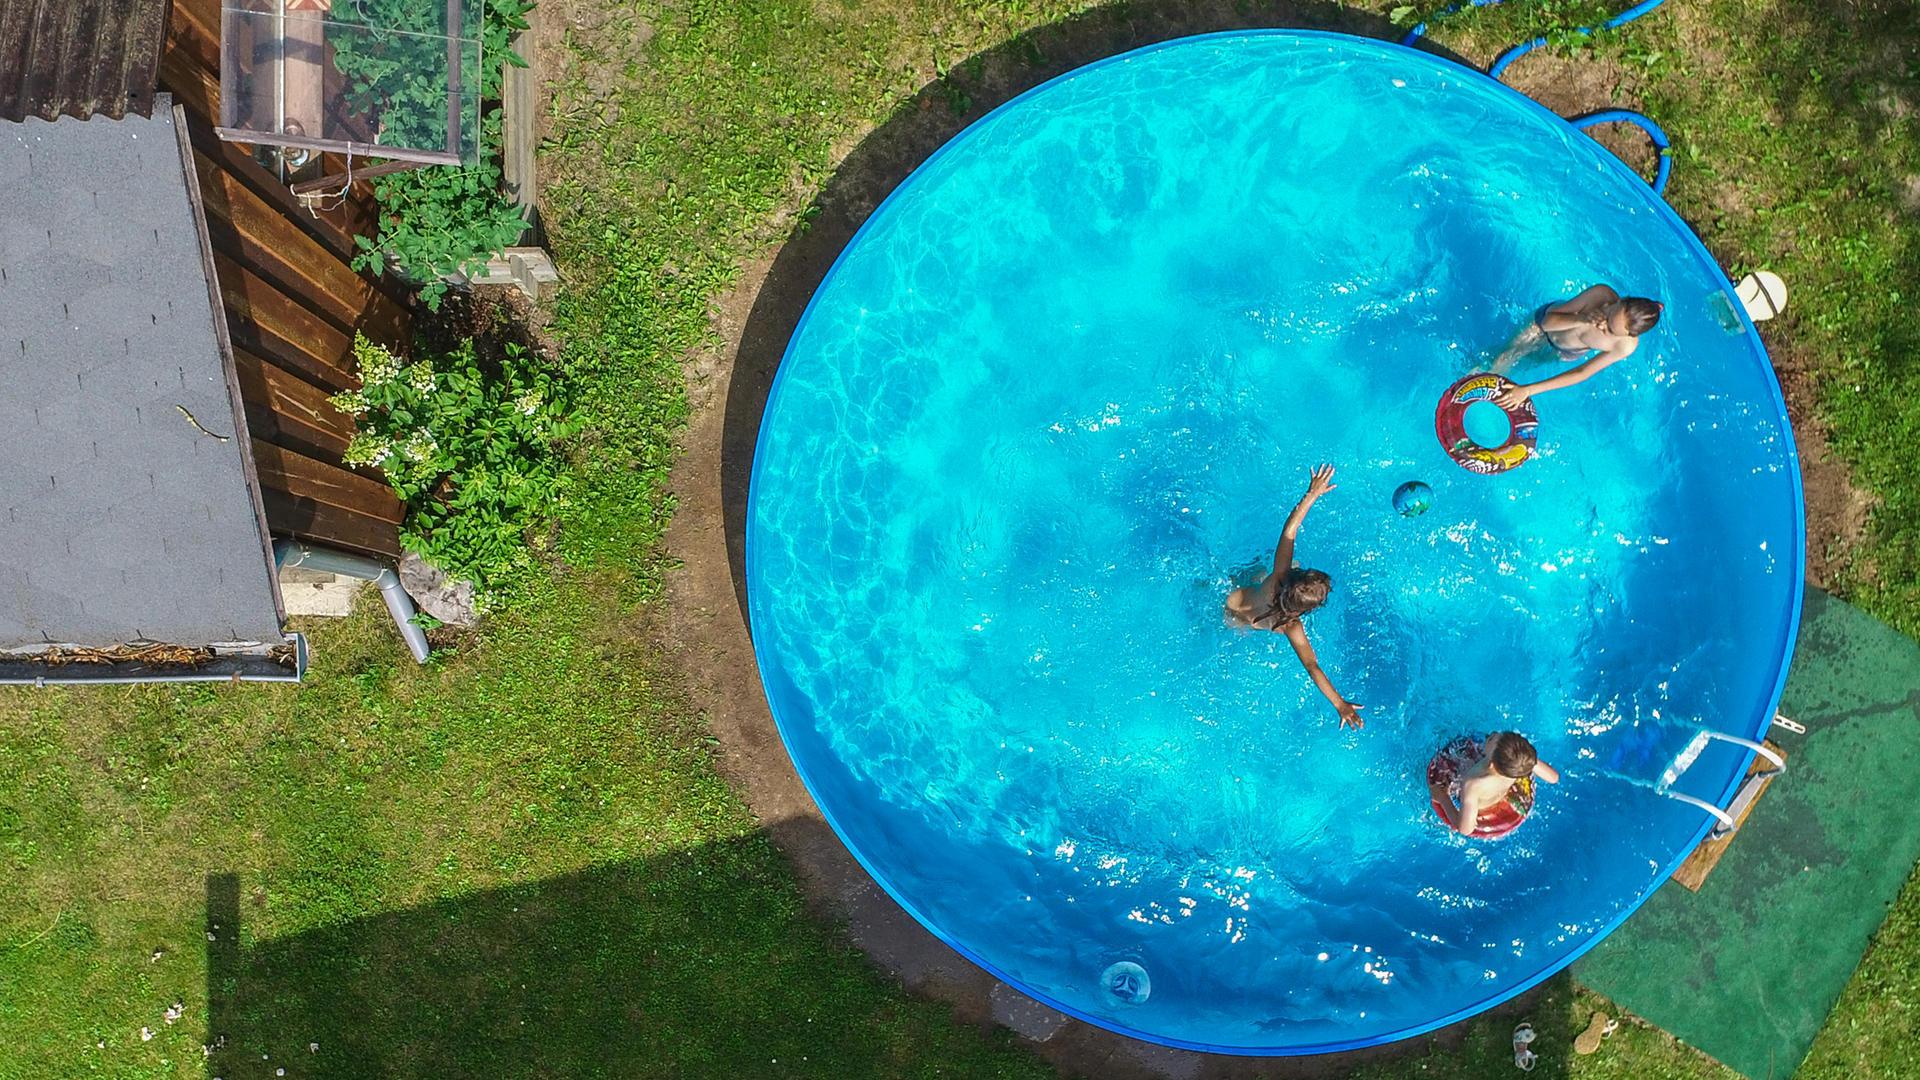 Full Size of Pool Im Garten Rechtslage Nrw Bauen Lassen Richtig Aufstellen Kosten Erlaubt Preis Jahr Diese Bakterien Knnen Badewasser Sein Wohnzimmer Board Wandbild Wohnzimmer Pool Im Garten